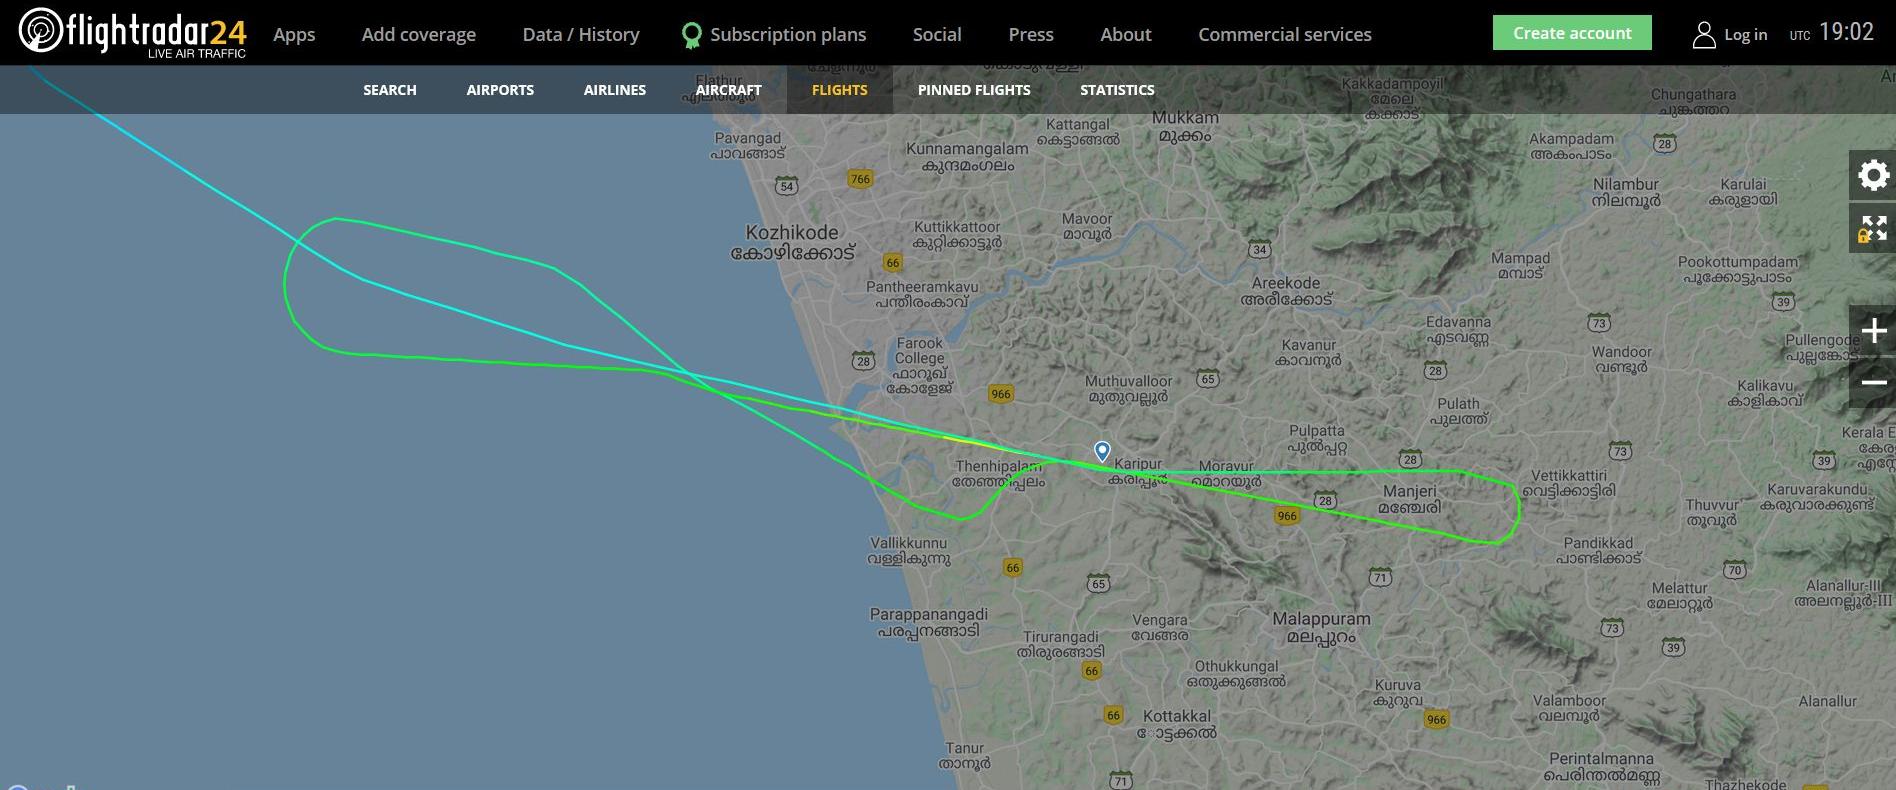 Képernyőmentés a Flightradarról